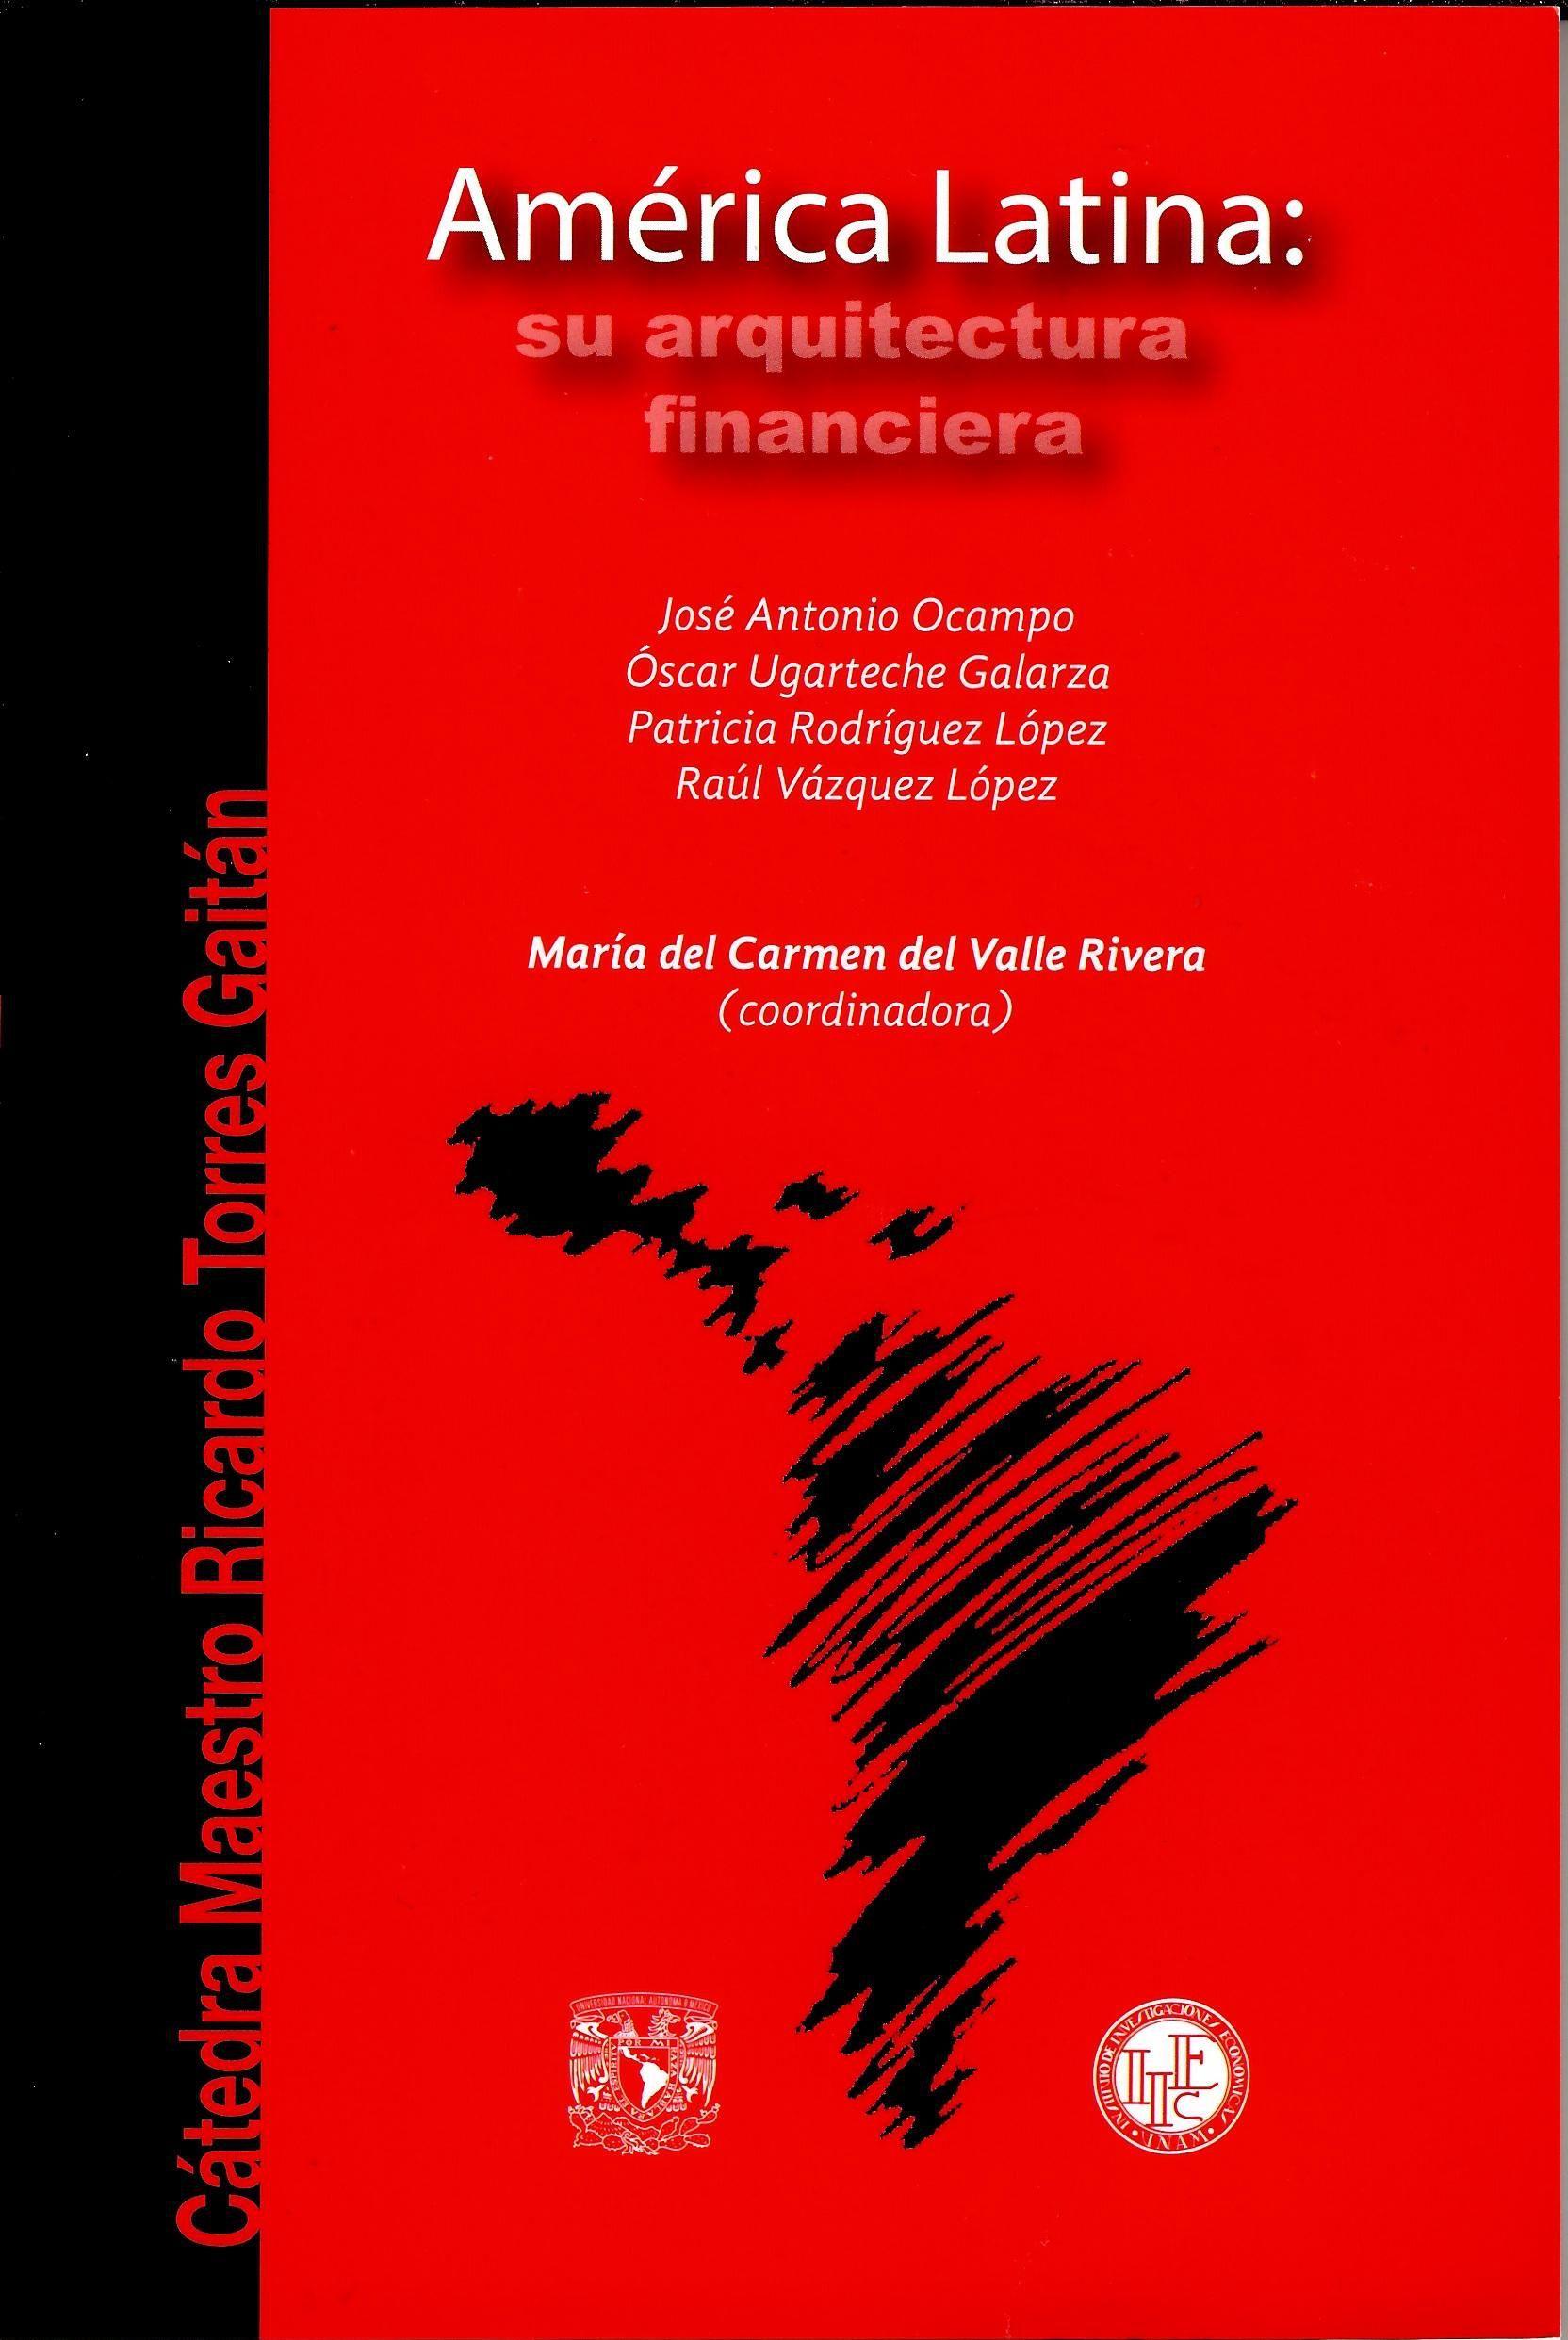 América Latina: su arquitectura financiera